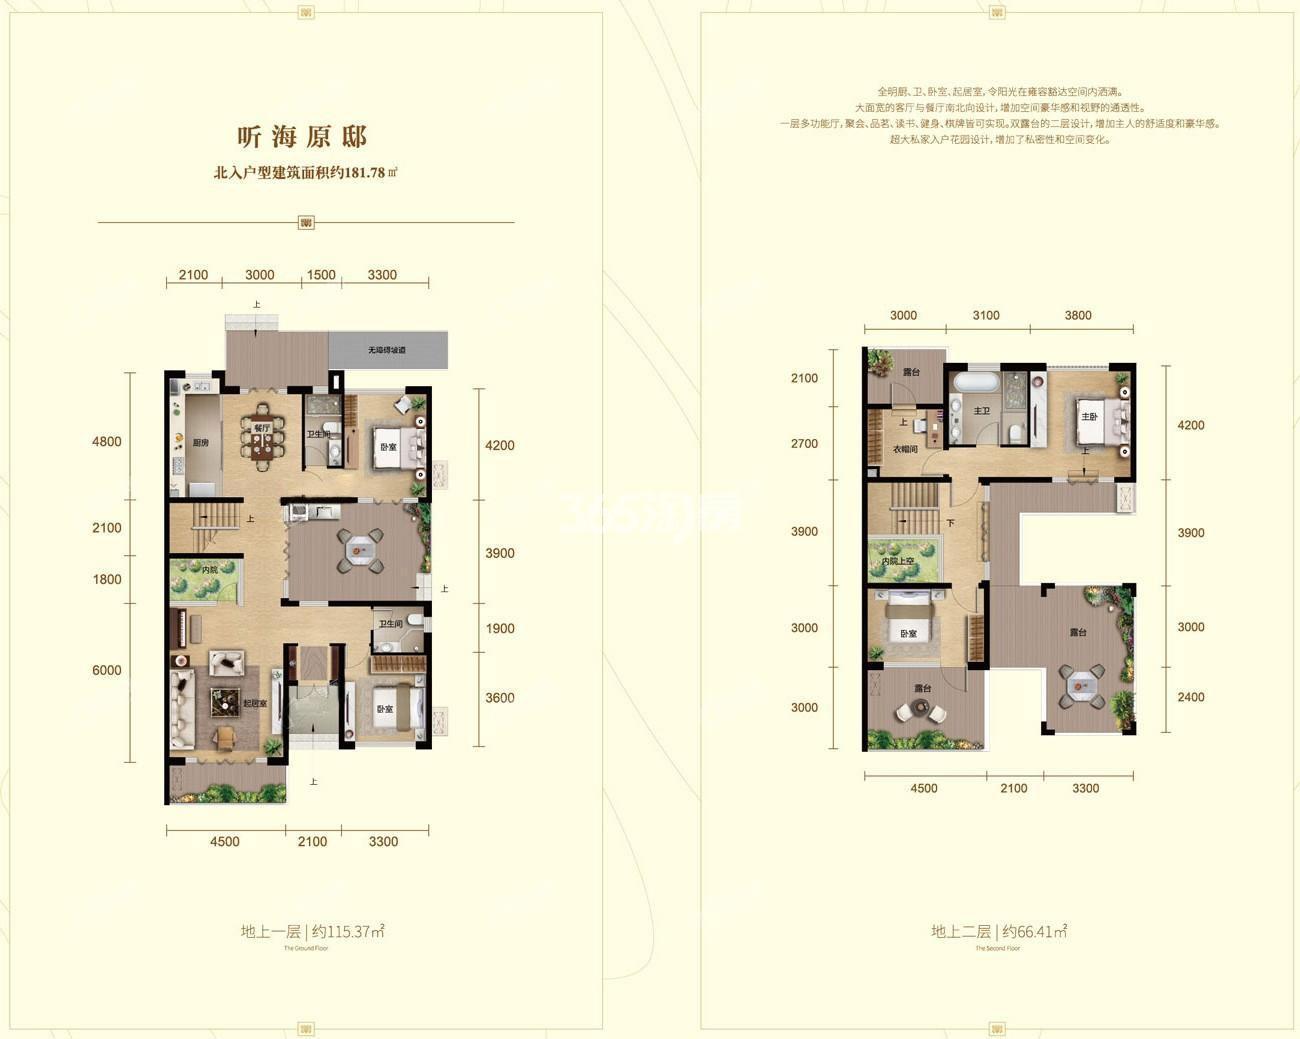 (第二块地联排别墅-听海原邸)四房二厅三卫-181.78㎡